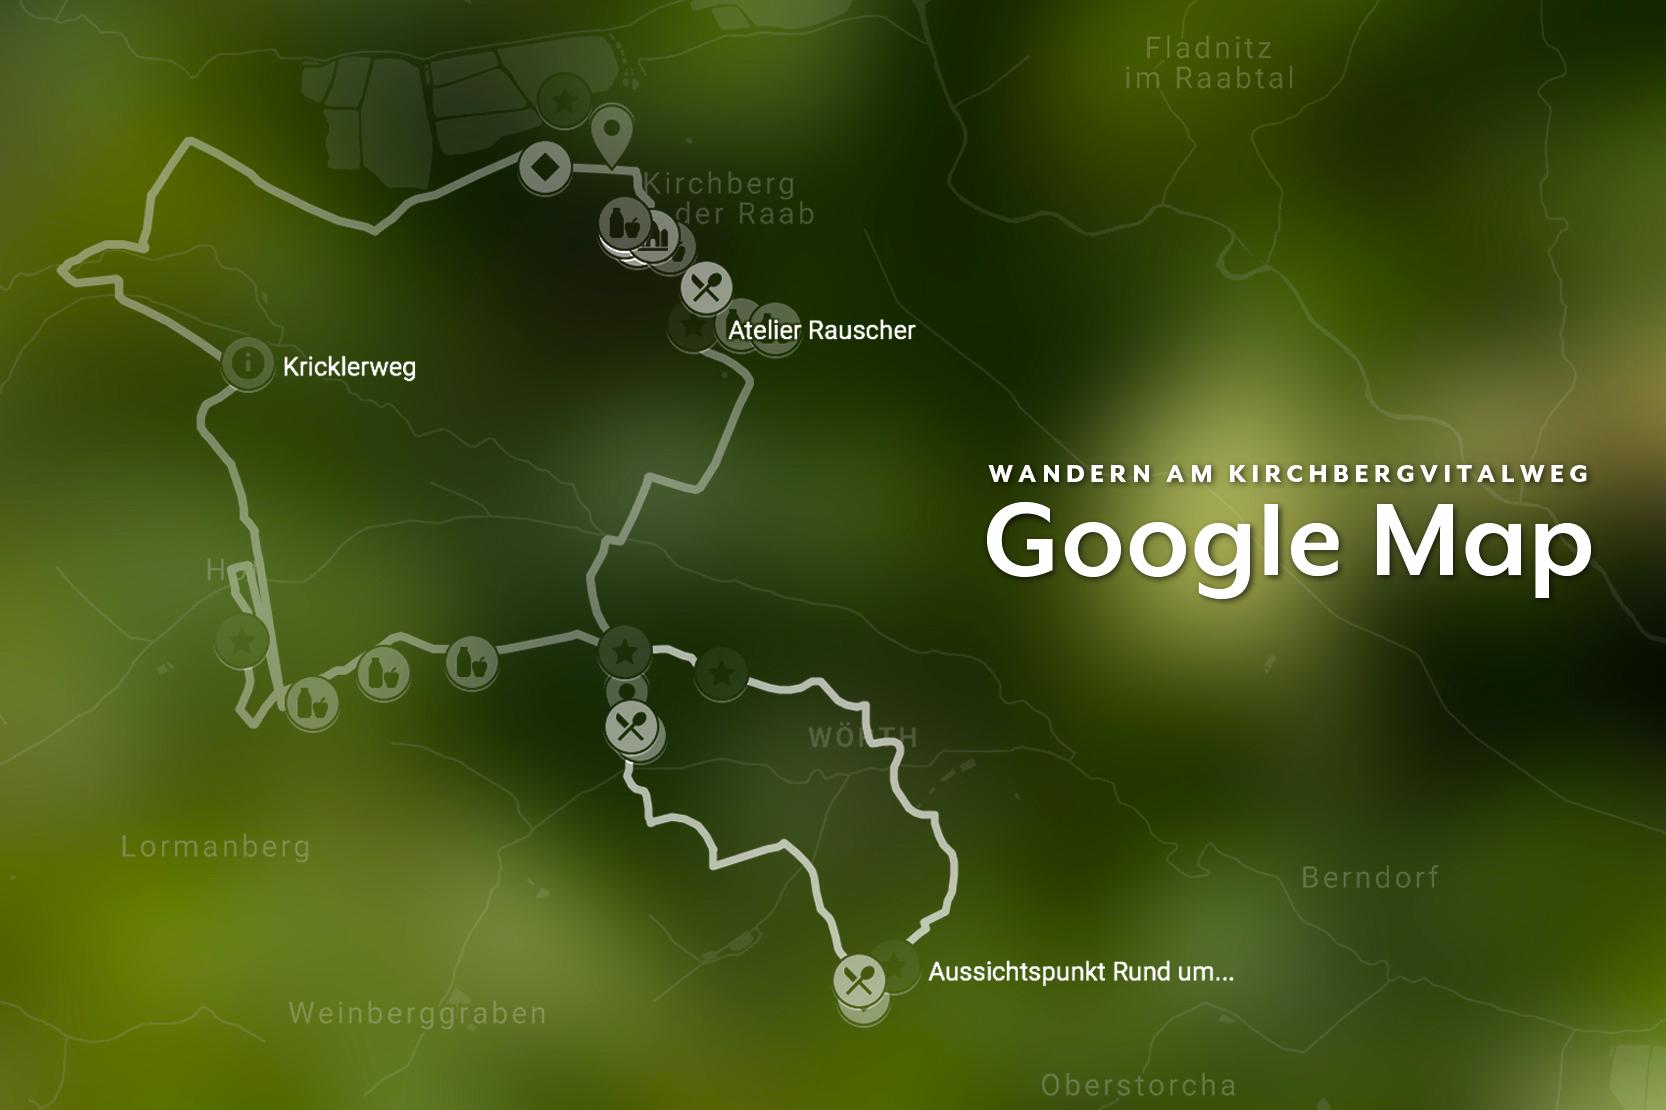 Kirchbergvitalweg Google Map - Unsere Google Map sorgt dafür, dass du die beiden Wanderwege des Kirchbergvitalweges immer auf deinem Smartphone dabei hast - inklusive aller Einkehrmöglichkeiten und Points of Interest!Klicke oder tippe auf die bunten Symbole, um mehr über die jeweiligen POIs zu erfahren.